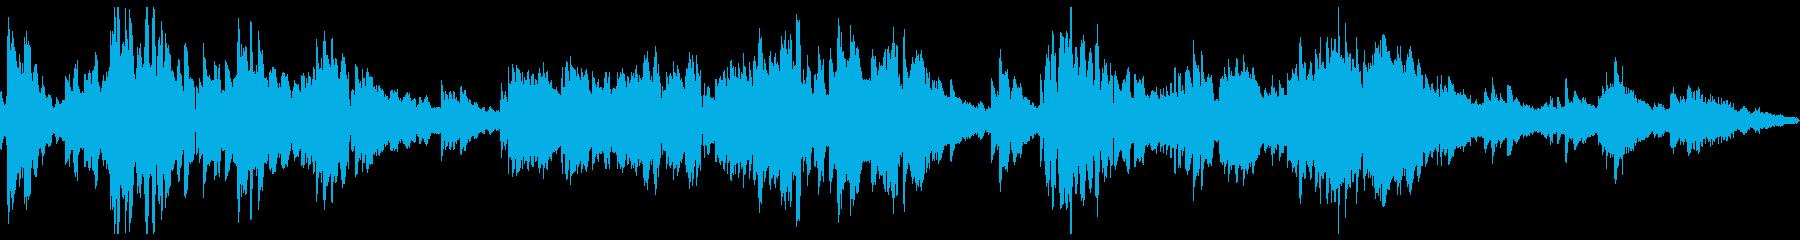 和風音楽-エレピの再生済みの波形